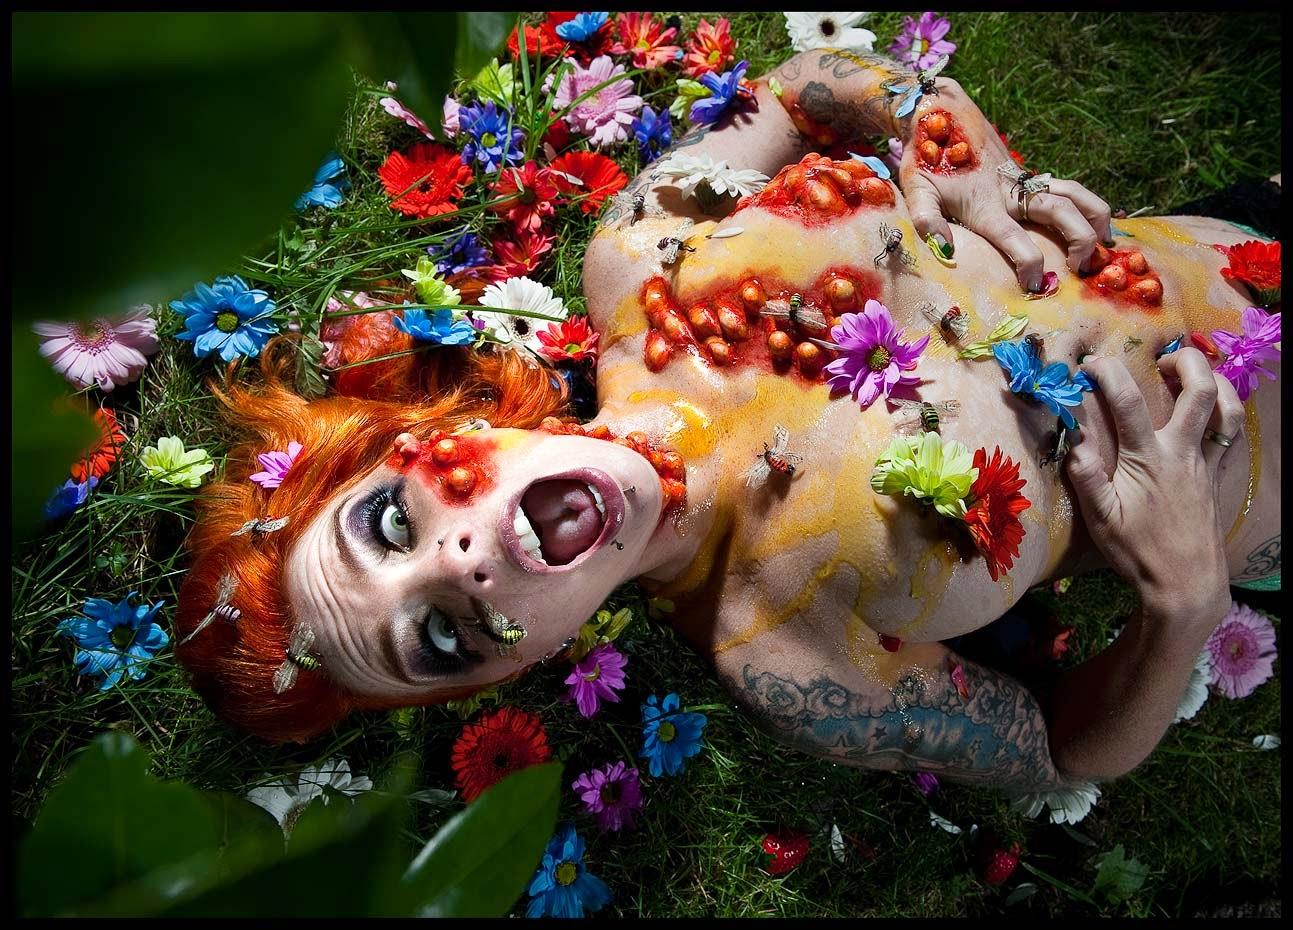 photo très graphique d'une femme nue recouverte de miel et de fleurs